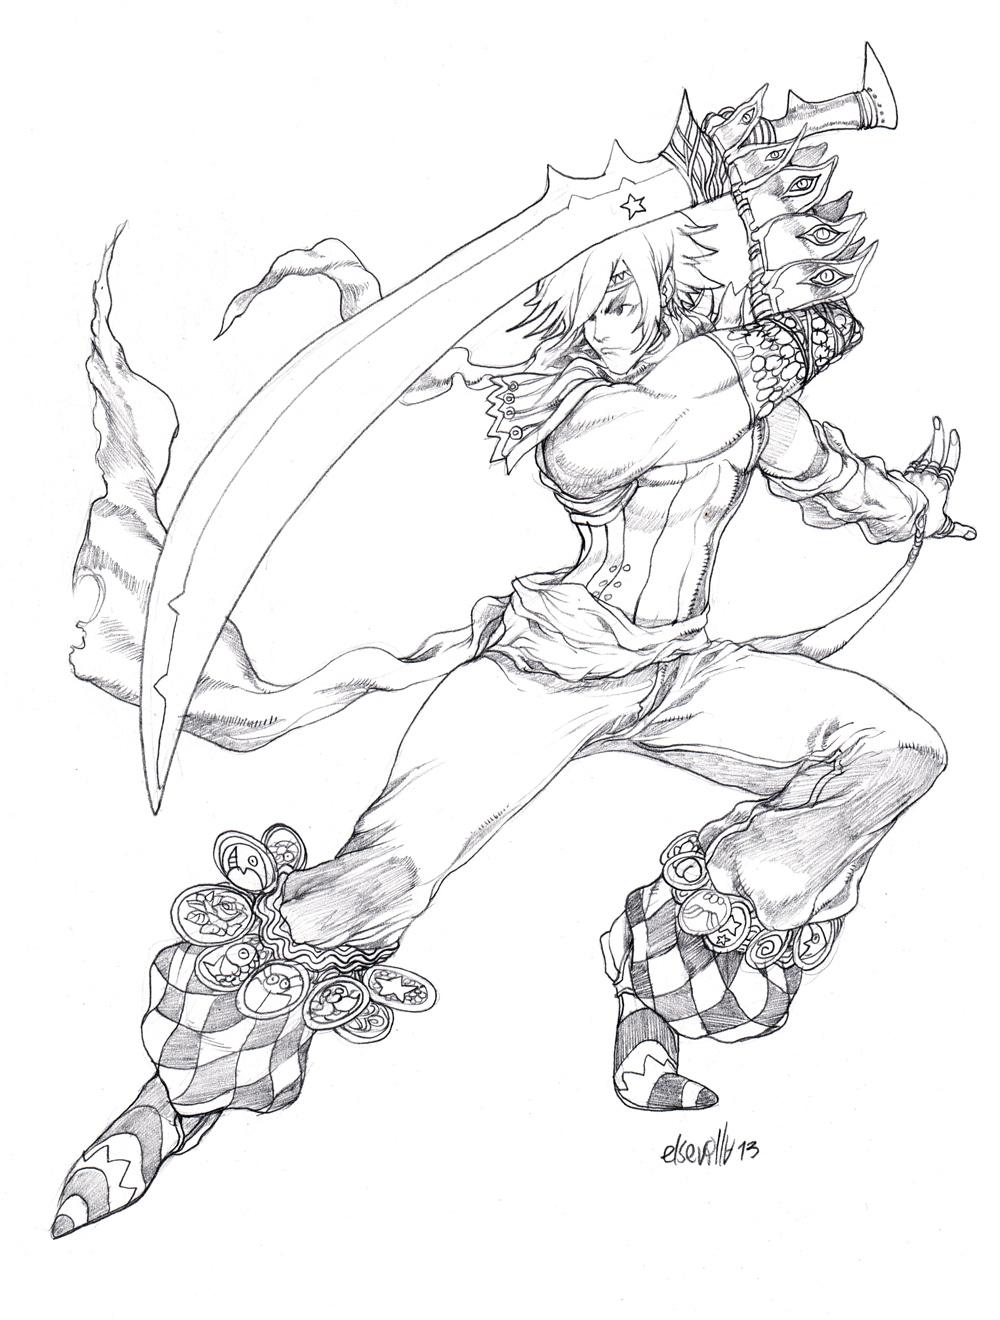 Sword Dancers by elsevilla